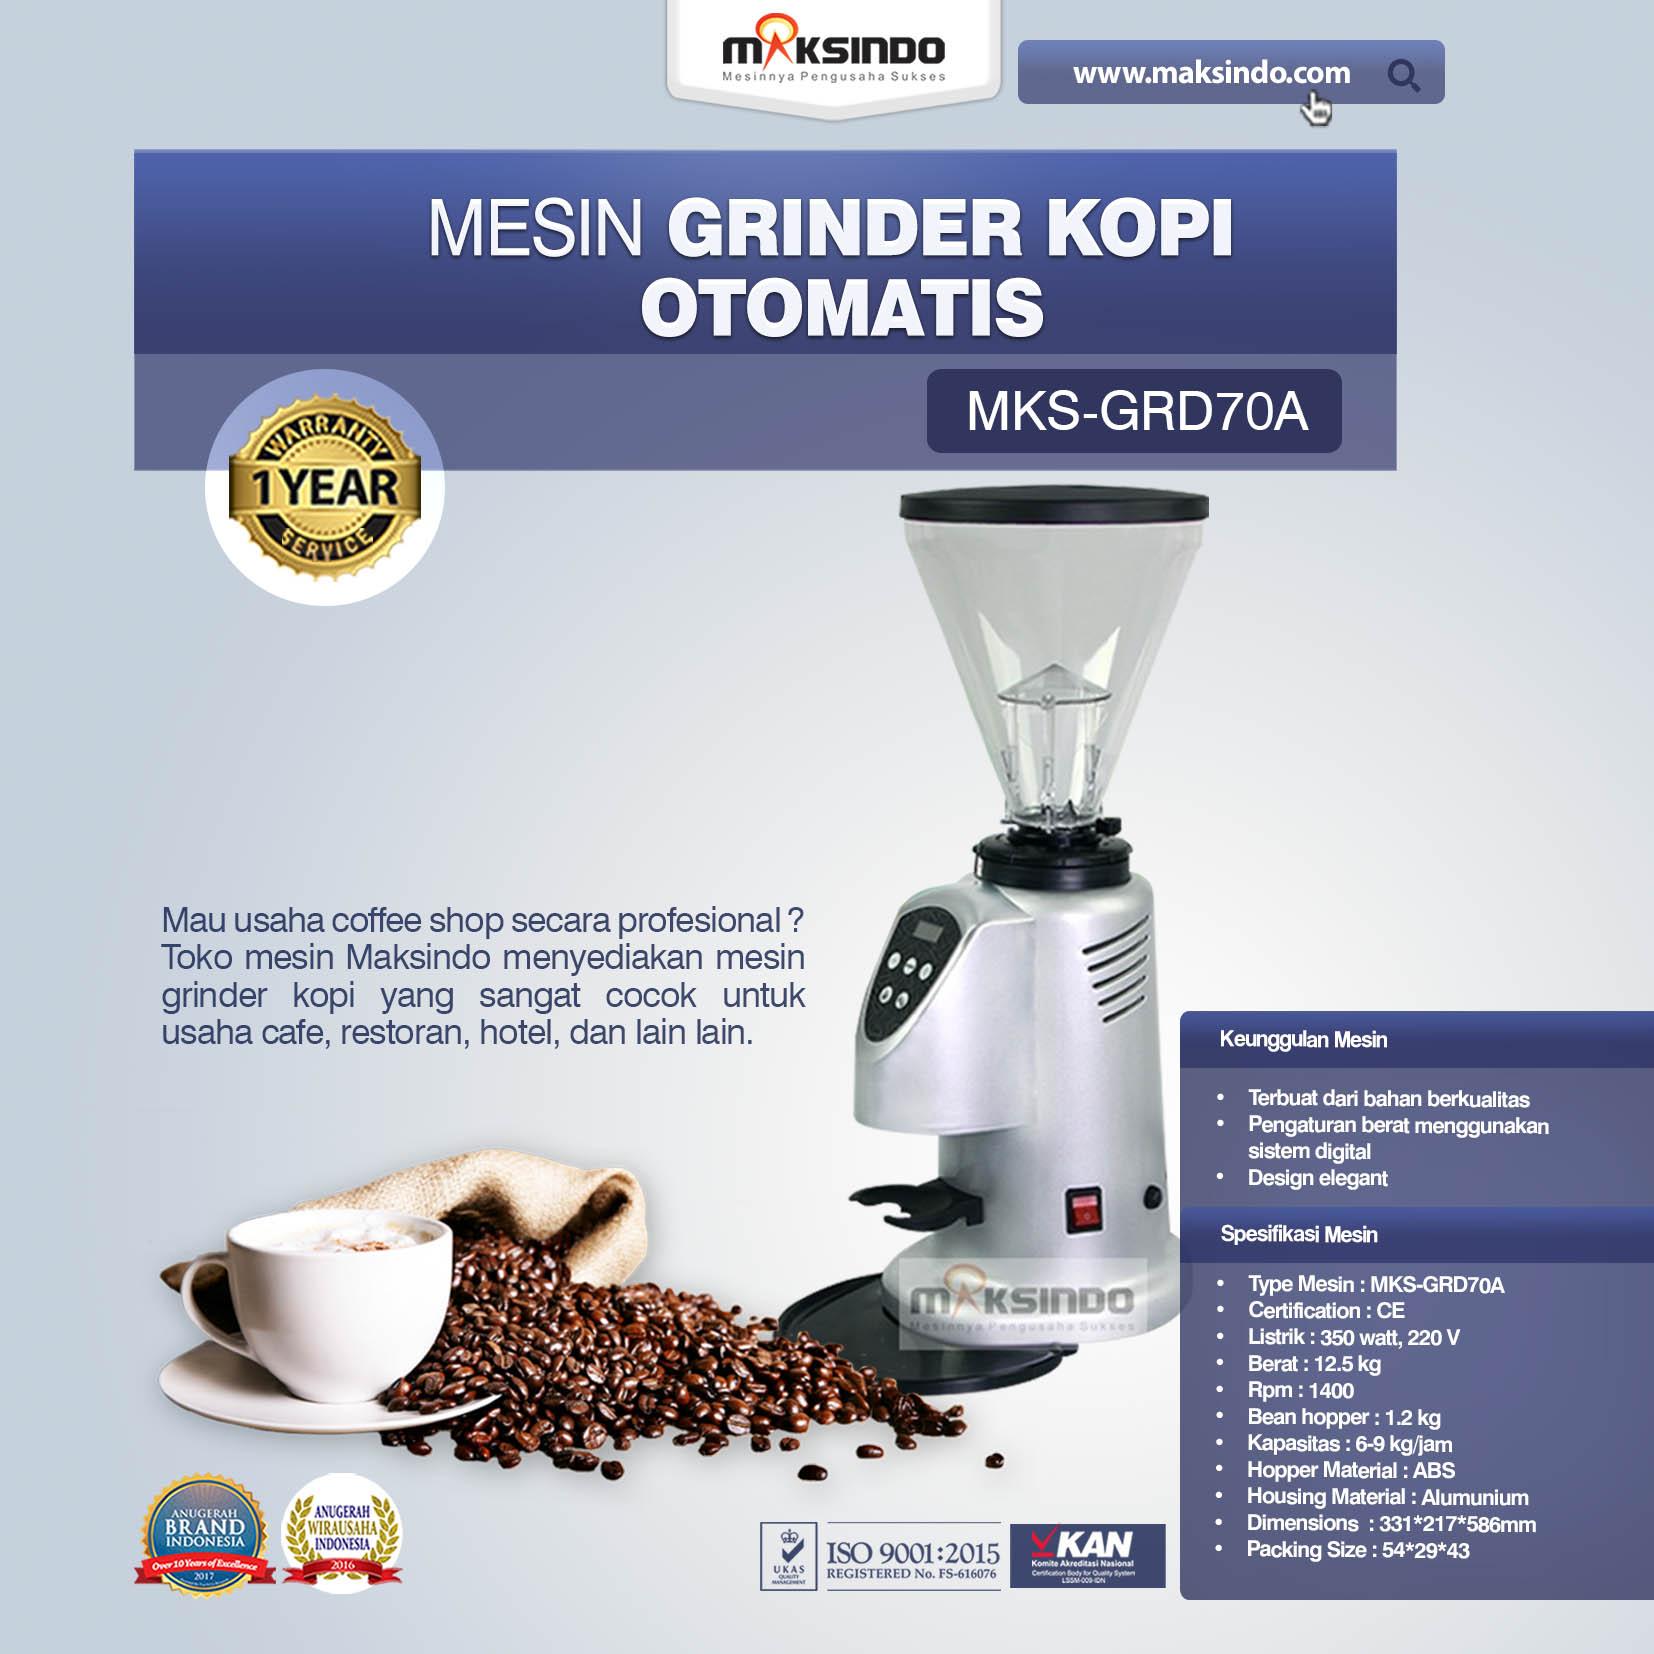 Jual Mesin Grinder Kopi Otomatis – MKS-GRD70A di Tangerang